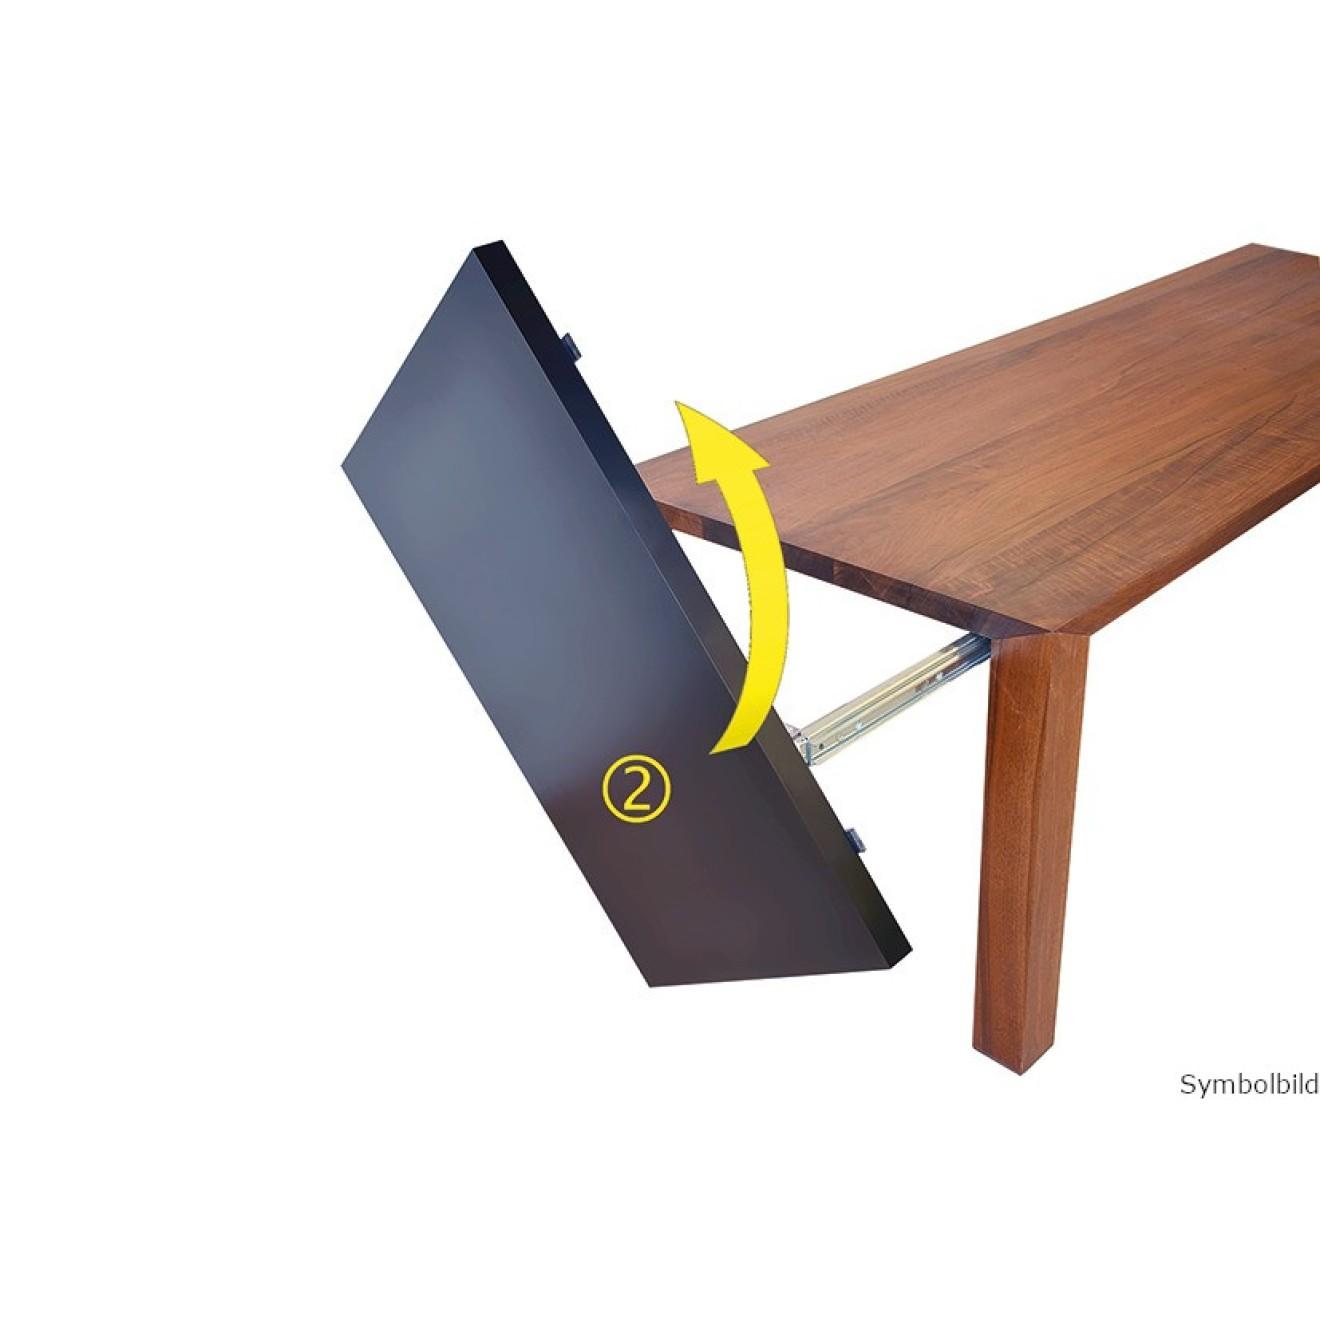 tisch auszug great jpg with tisch auszug kristalia tisch nori dekton mit auszug max x cm with. Black Bedroom Furniture Sets. Home Design Ideas